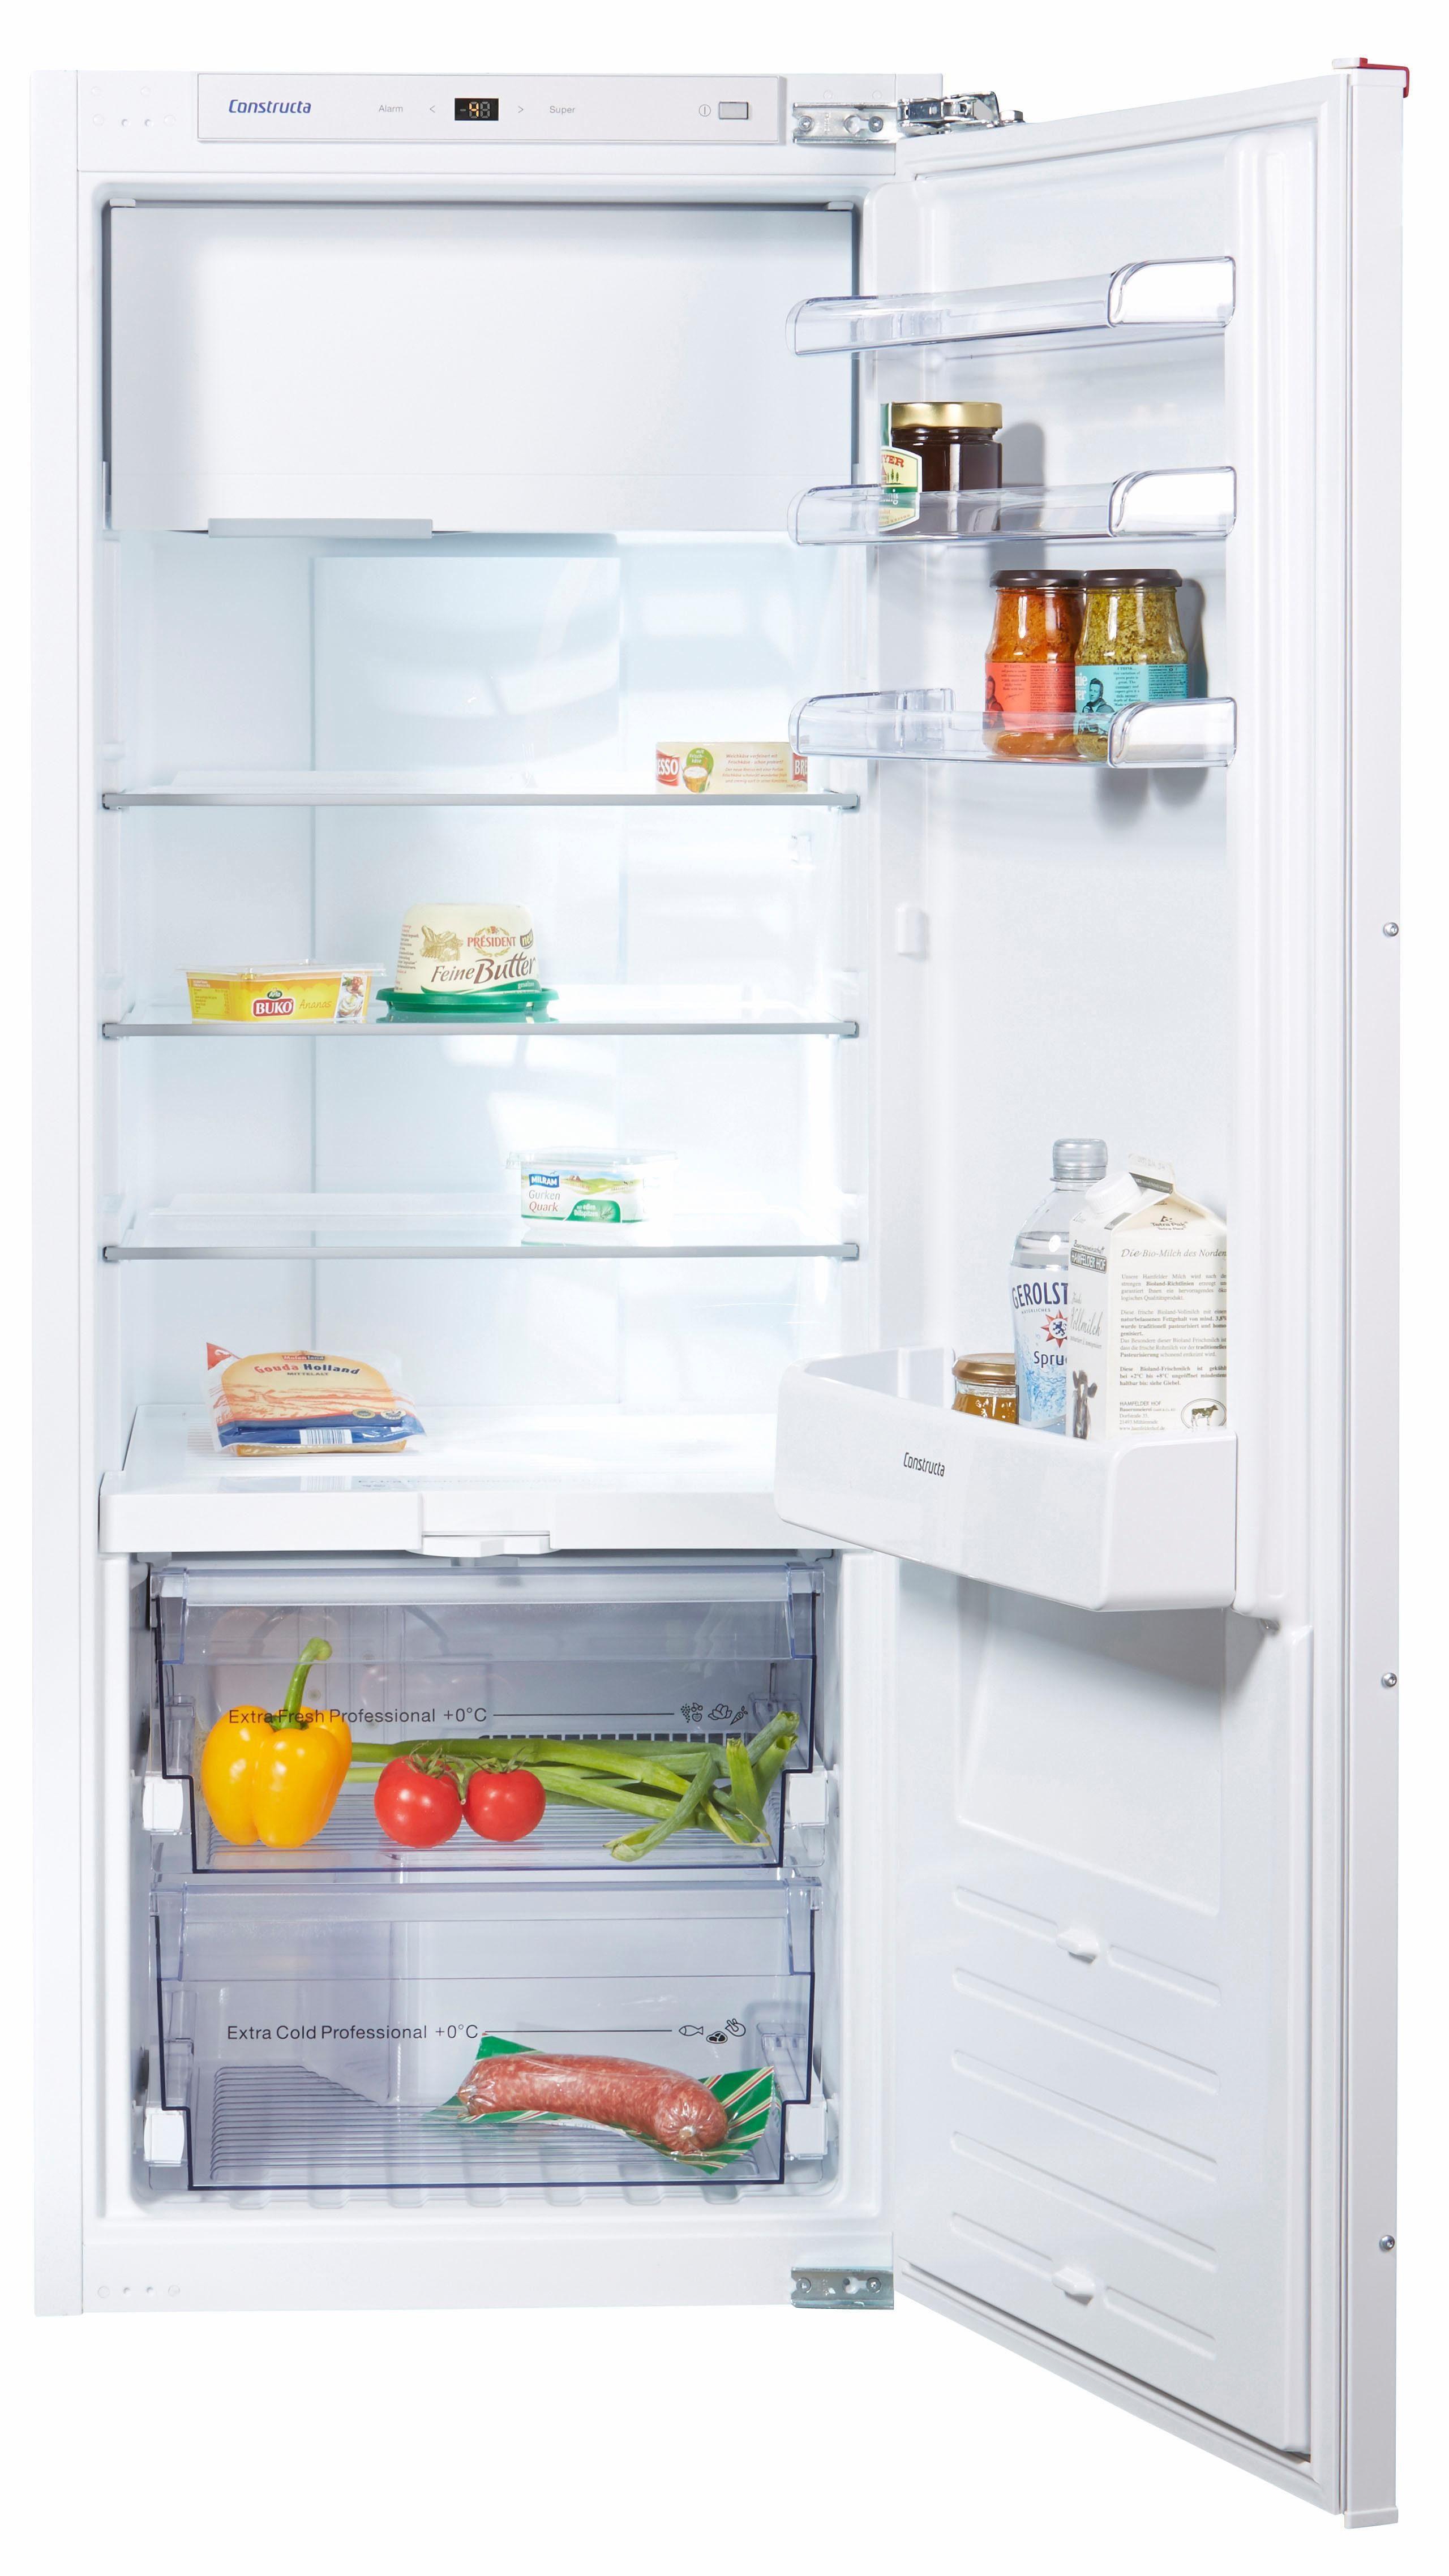 Constructa Einbaukühlschrank CK852AF30, A++, 139,7 cm hoch